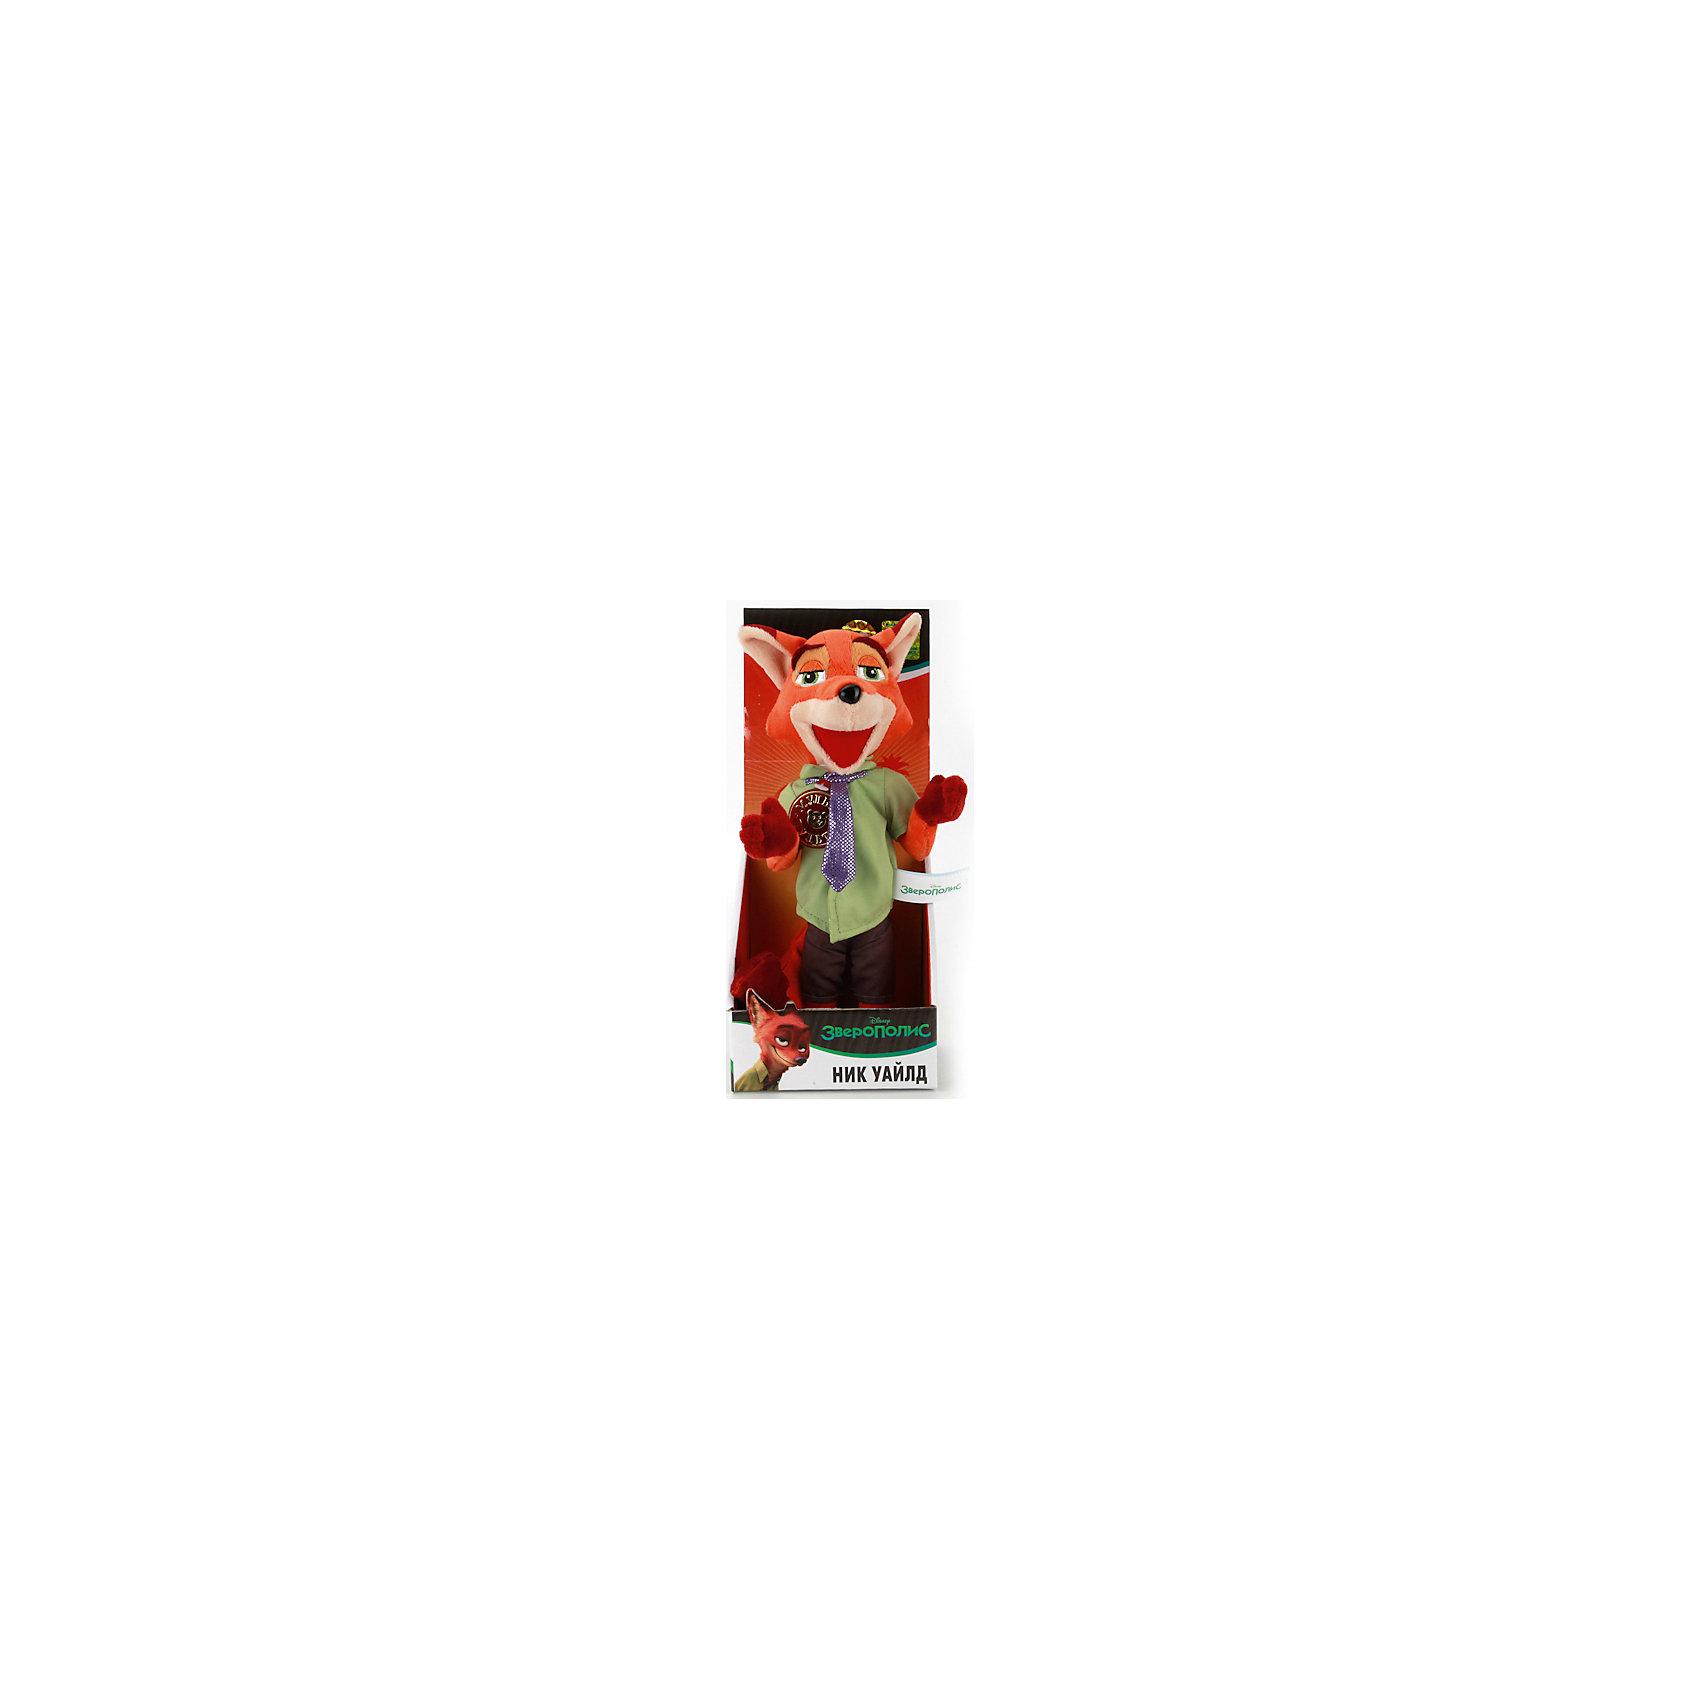 Мягкая игрушка Ник Уайлд, 25см, Зверополис, МУЛЬТИ-ПУЛЬТИЛюбимые герои<br>Мягкая игрушка Ник Уайлд, 25см, Зверополис, МУЛЬТИ-ПУЛЬТИ<br><br>Характеристики:<br><br>• Возраст: от 3 лет<br>• Материал: плюш, наполнитель<br>• Высота игрушки: 25 см<br><br>Мультфильм Зверополис покорил каждого ребенка. Обаятельный лис станет верным спутником малыша или любимой домашней игрушкой. Красивый, красочный герой любимого мультфильма станет героем множества выдуманных сказок ребенка. Качественный материал не вызывает аллергии. За игрушкой легко ухаживать и она не пылится. <br><br>Мягкая игрушка Ник Уайлд, 25см, Зверополис, МУЛЬТИ-ПУЛЬТИ можно купить в нашем интернет-магазине<br><br>Ширина мм: 100<br>Глубина мм: 300<br>Высота мм: 130<br>Вес г: 250<br>Возраст от месяцев: 12<br>Возраст до месяцев: 72<br>Пол: Унисекс<br>Возраст: Детский<br>SKU: 4950404